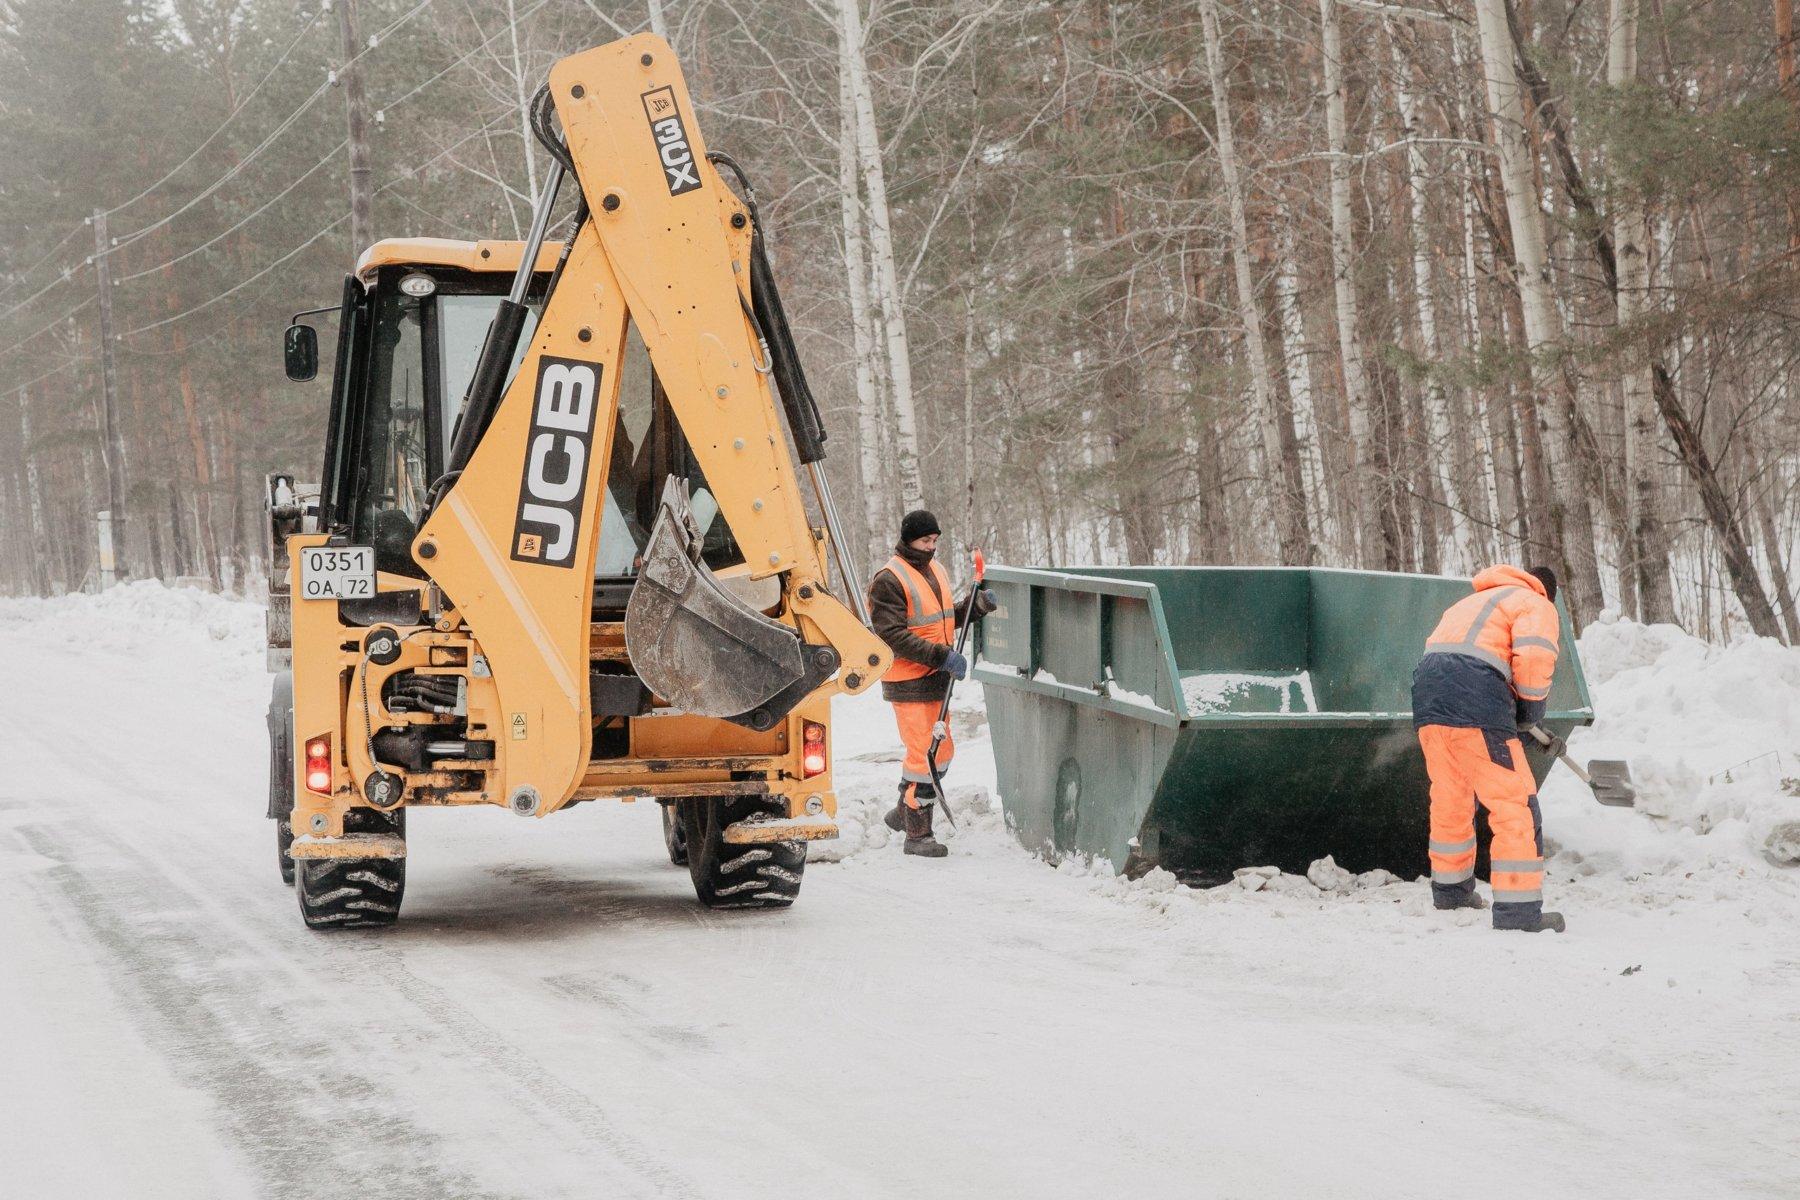 Заночь снегопада вТюмени убрали неменее 7,5 тыс. кубометров снега